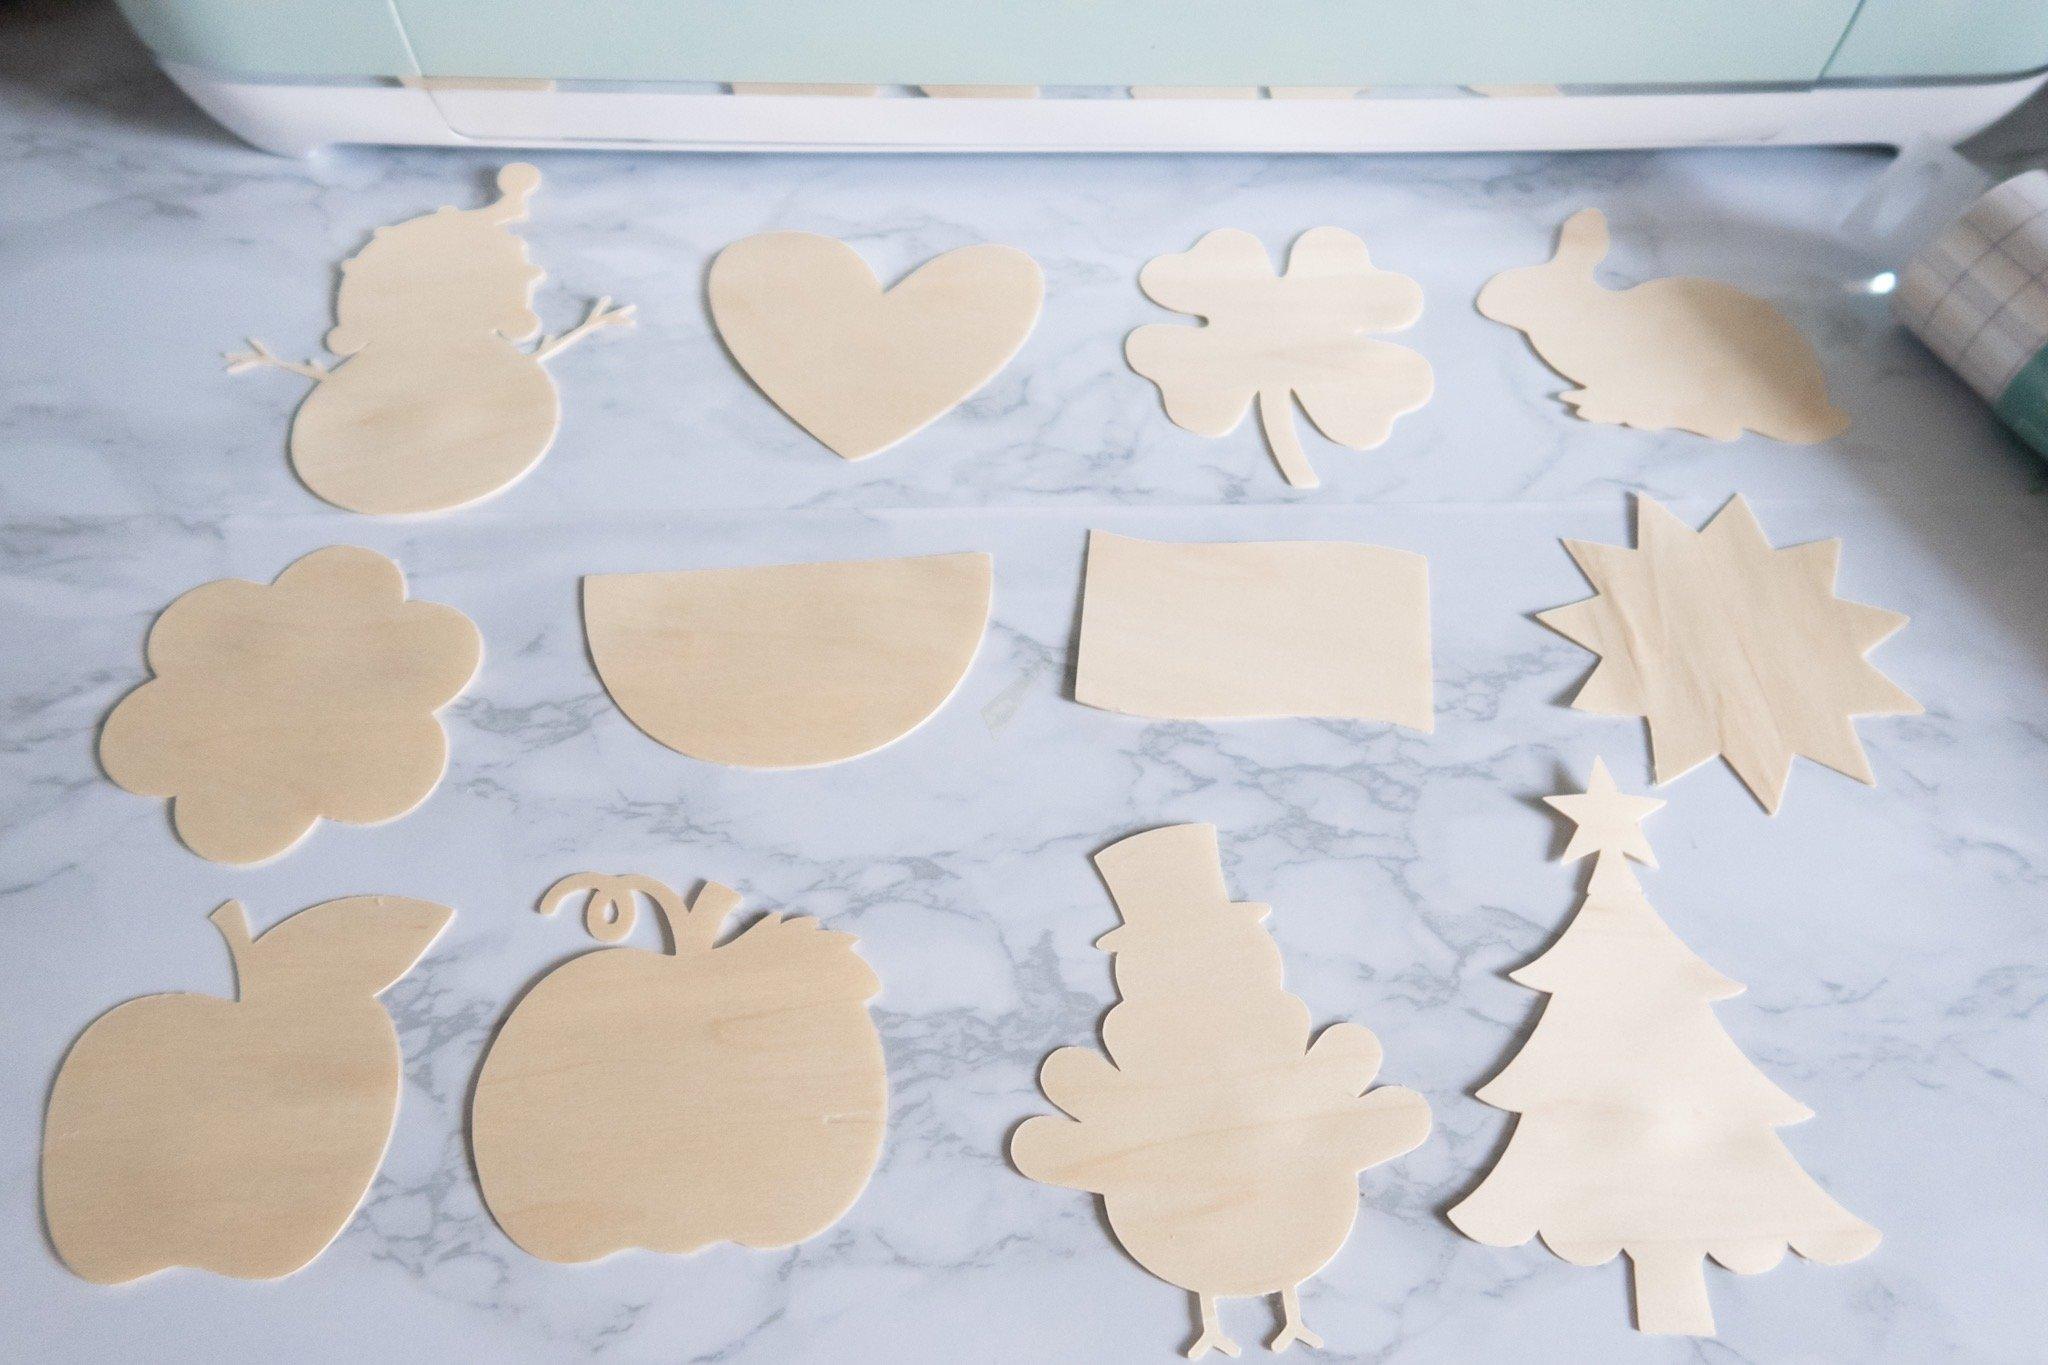 finished cut wood veneer shapes